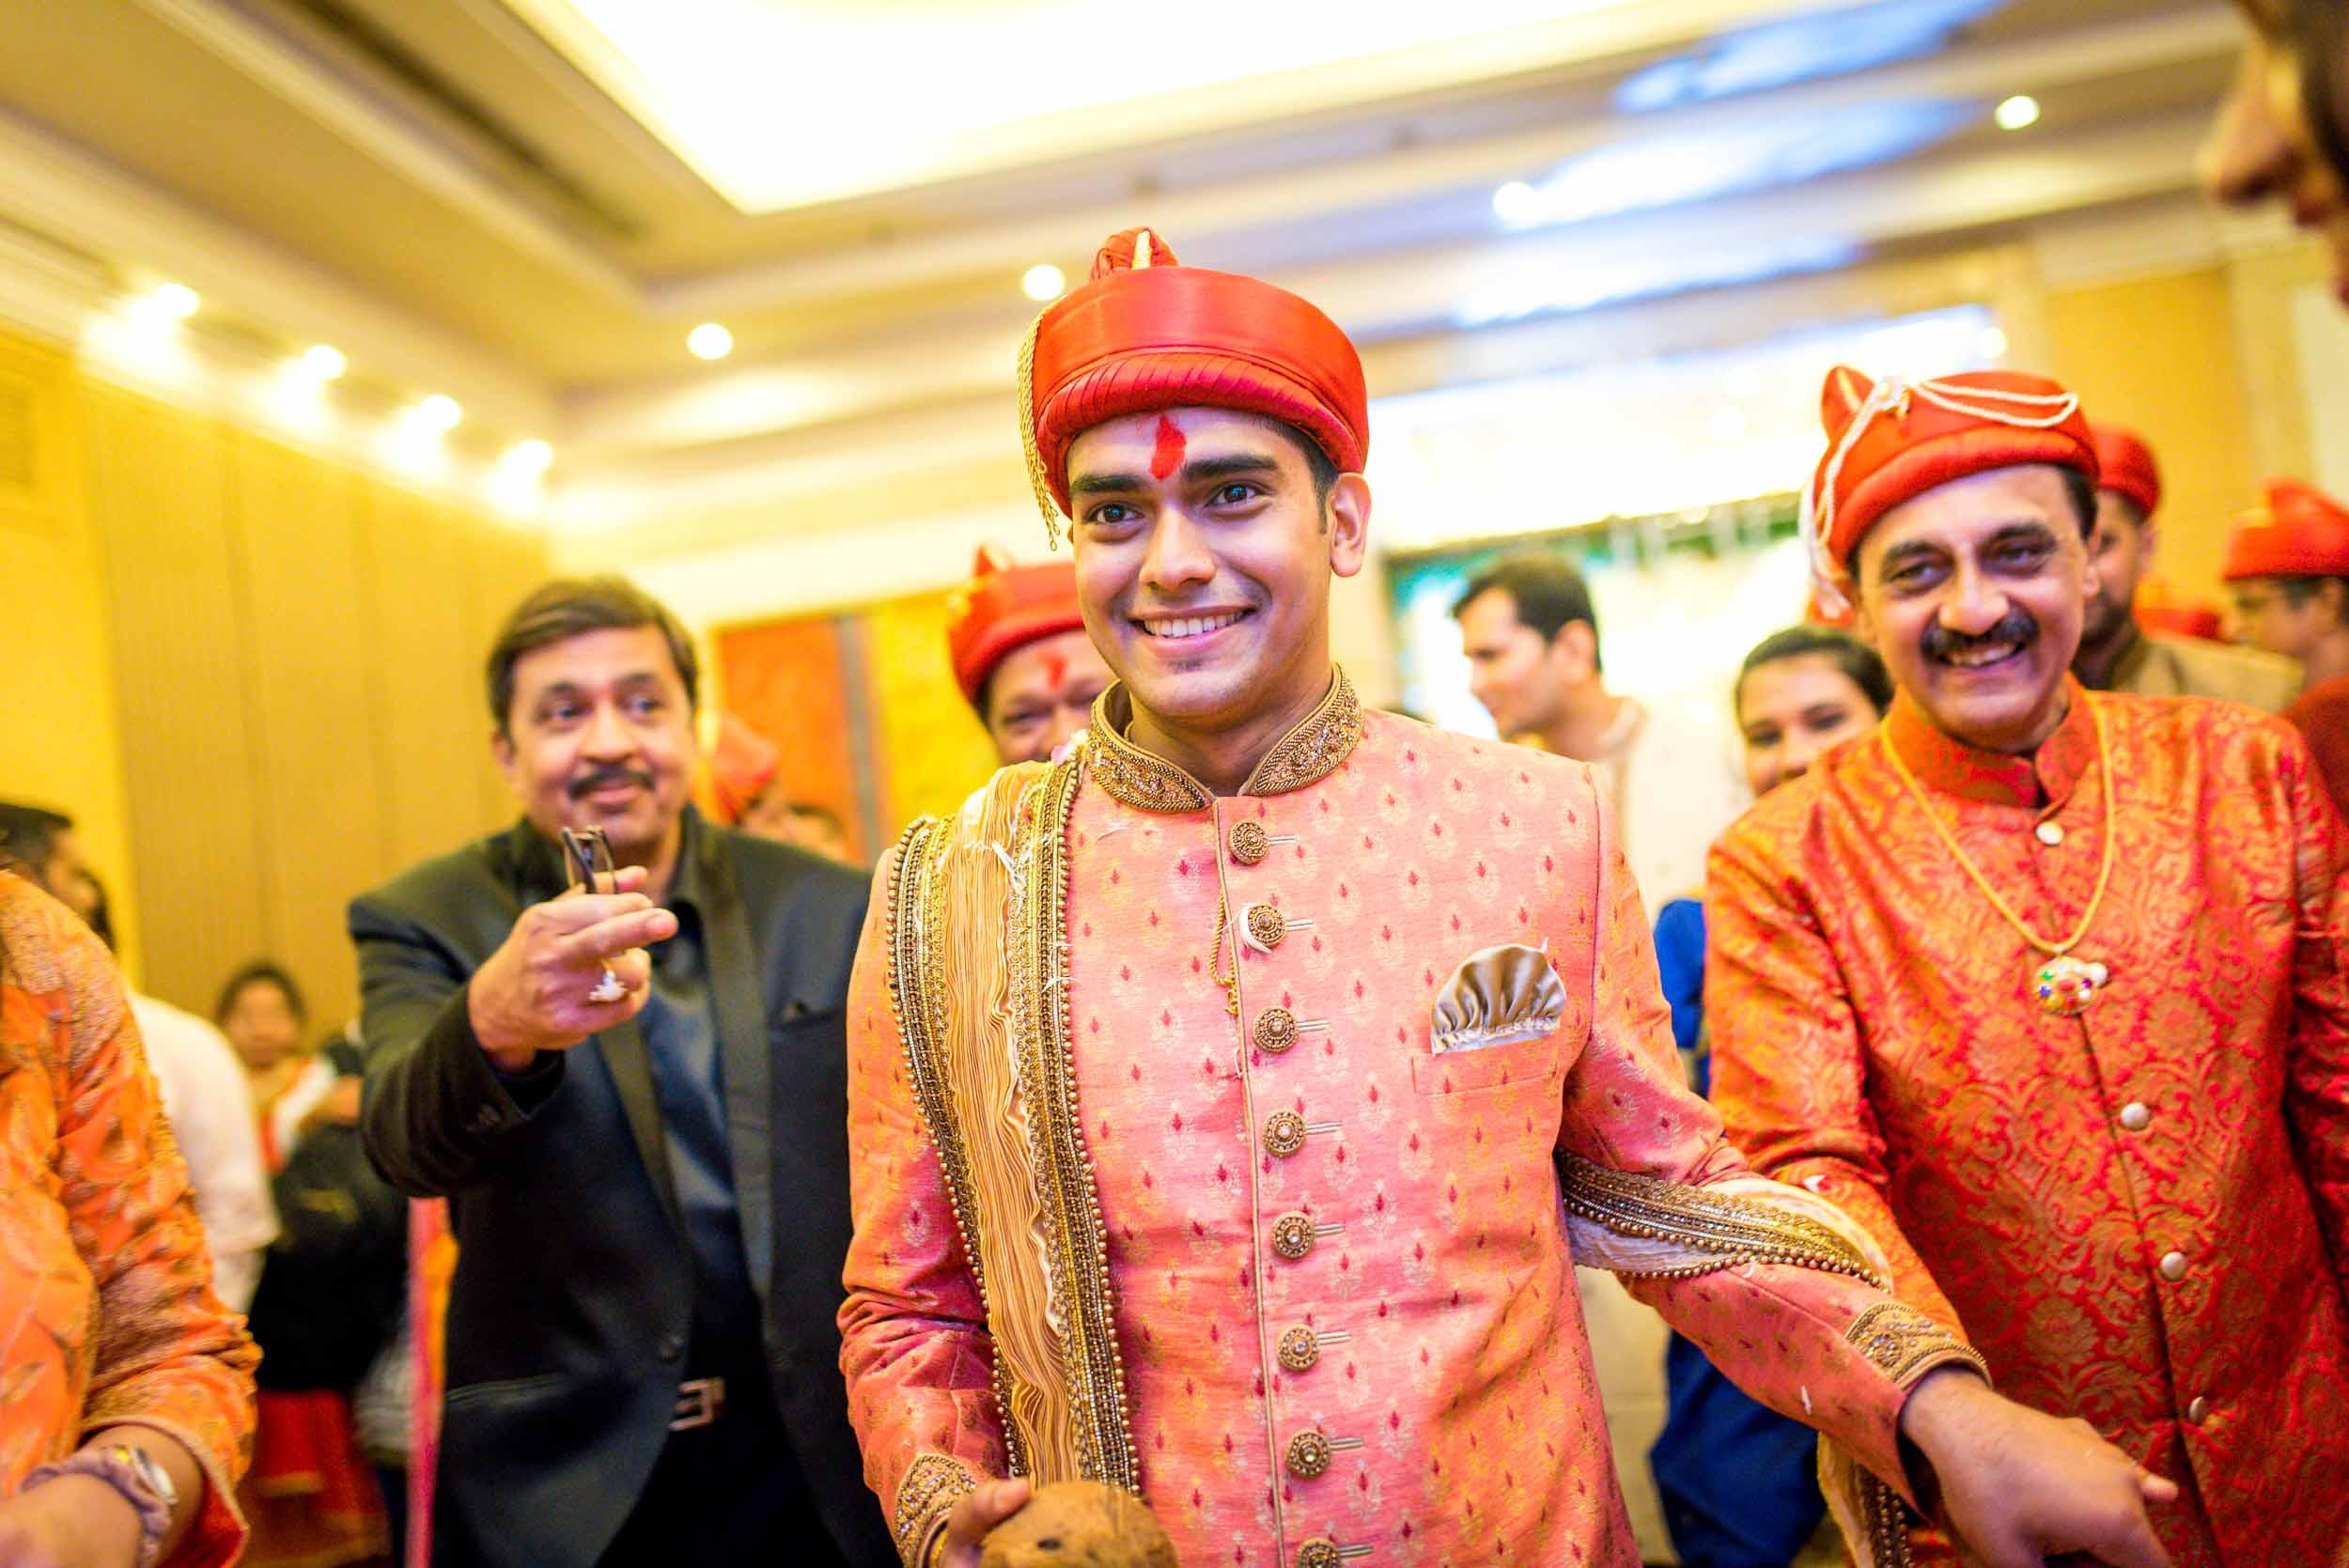 mumbai-pune-wedding-45.jpg